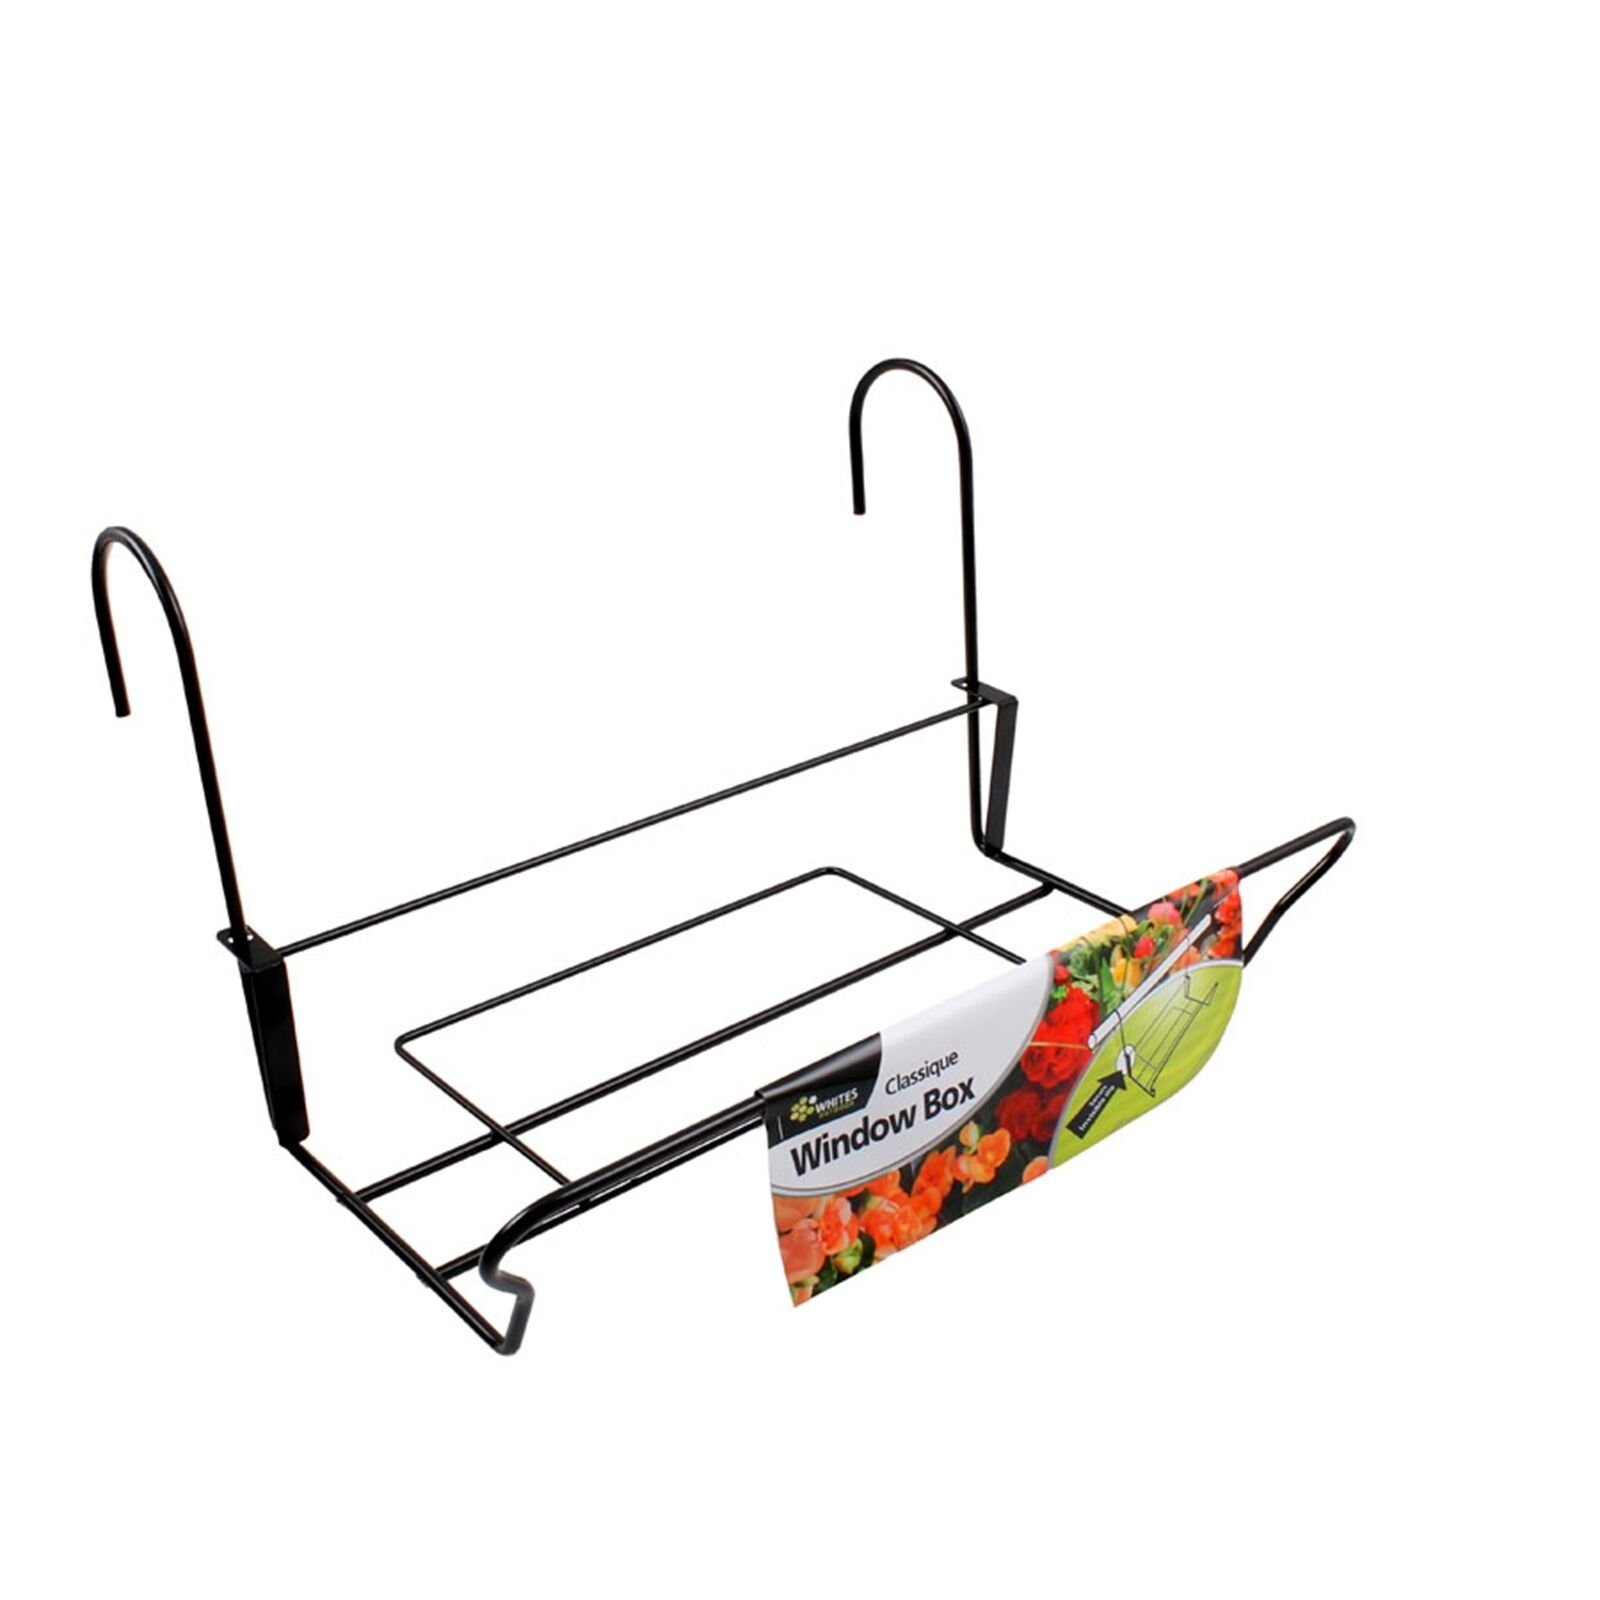 blancoos al aire libre Classique Caja de ventana 380mm durable, Clips De Seguridad Marca Aust